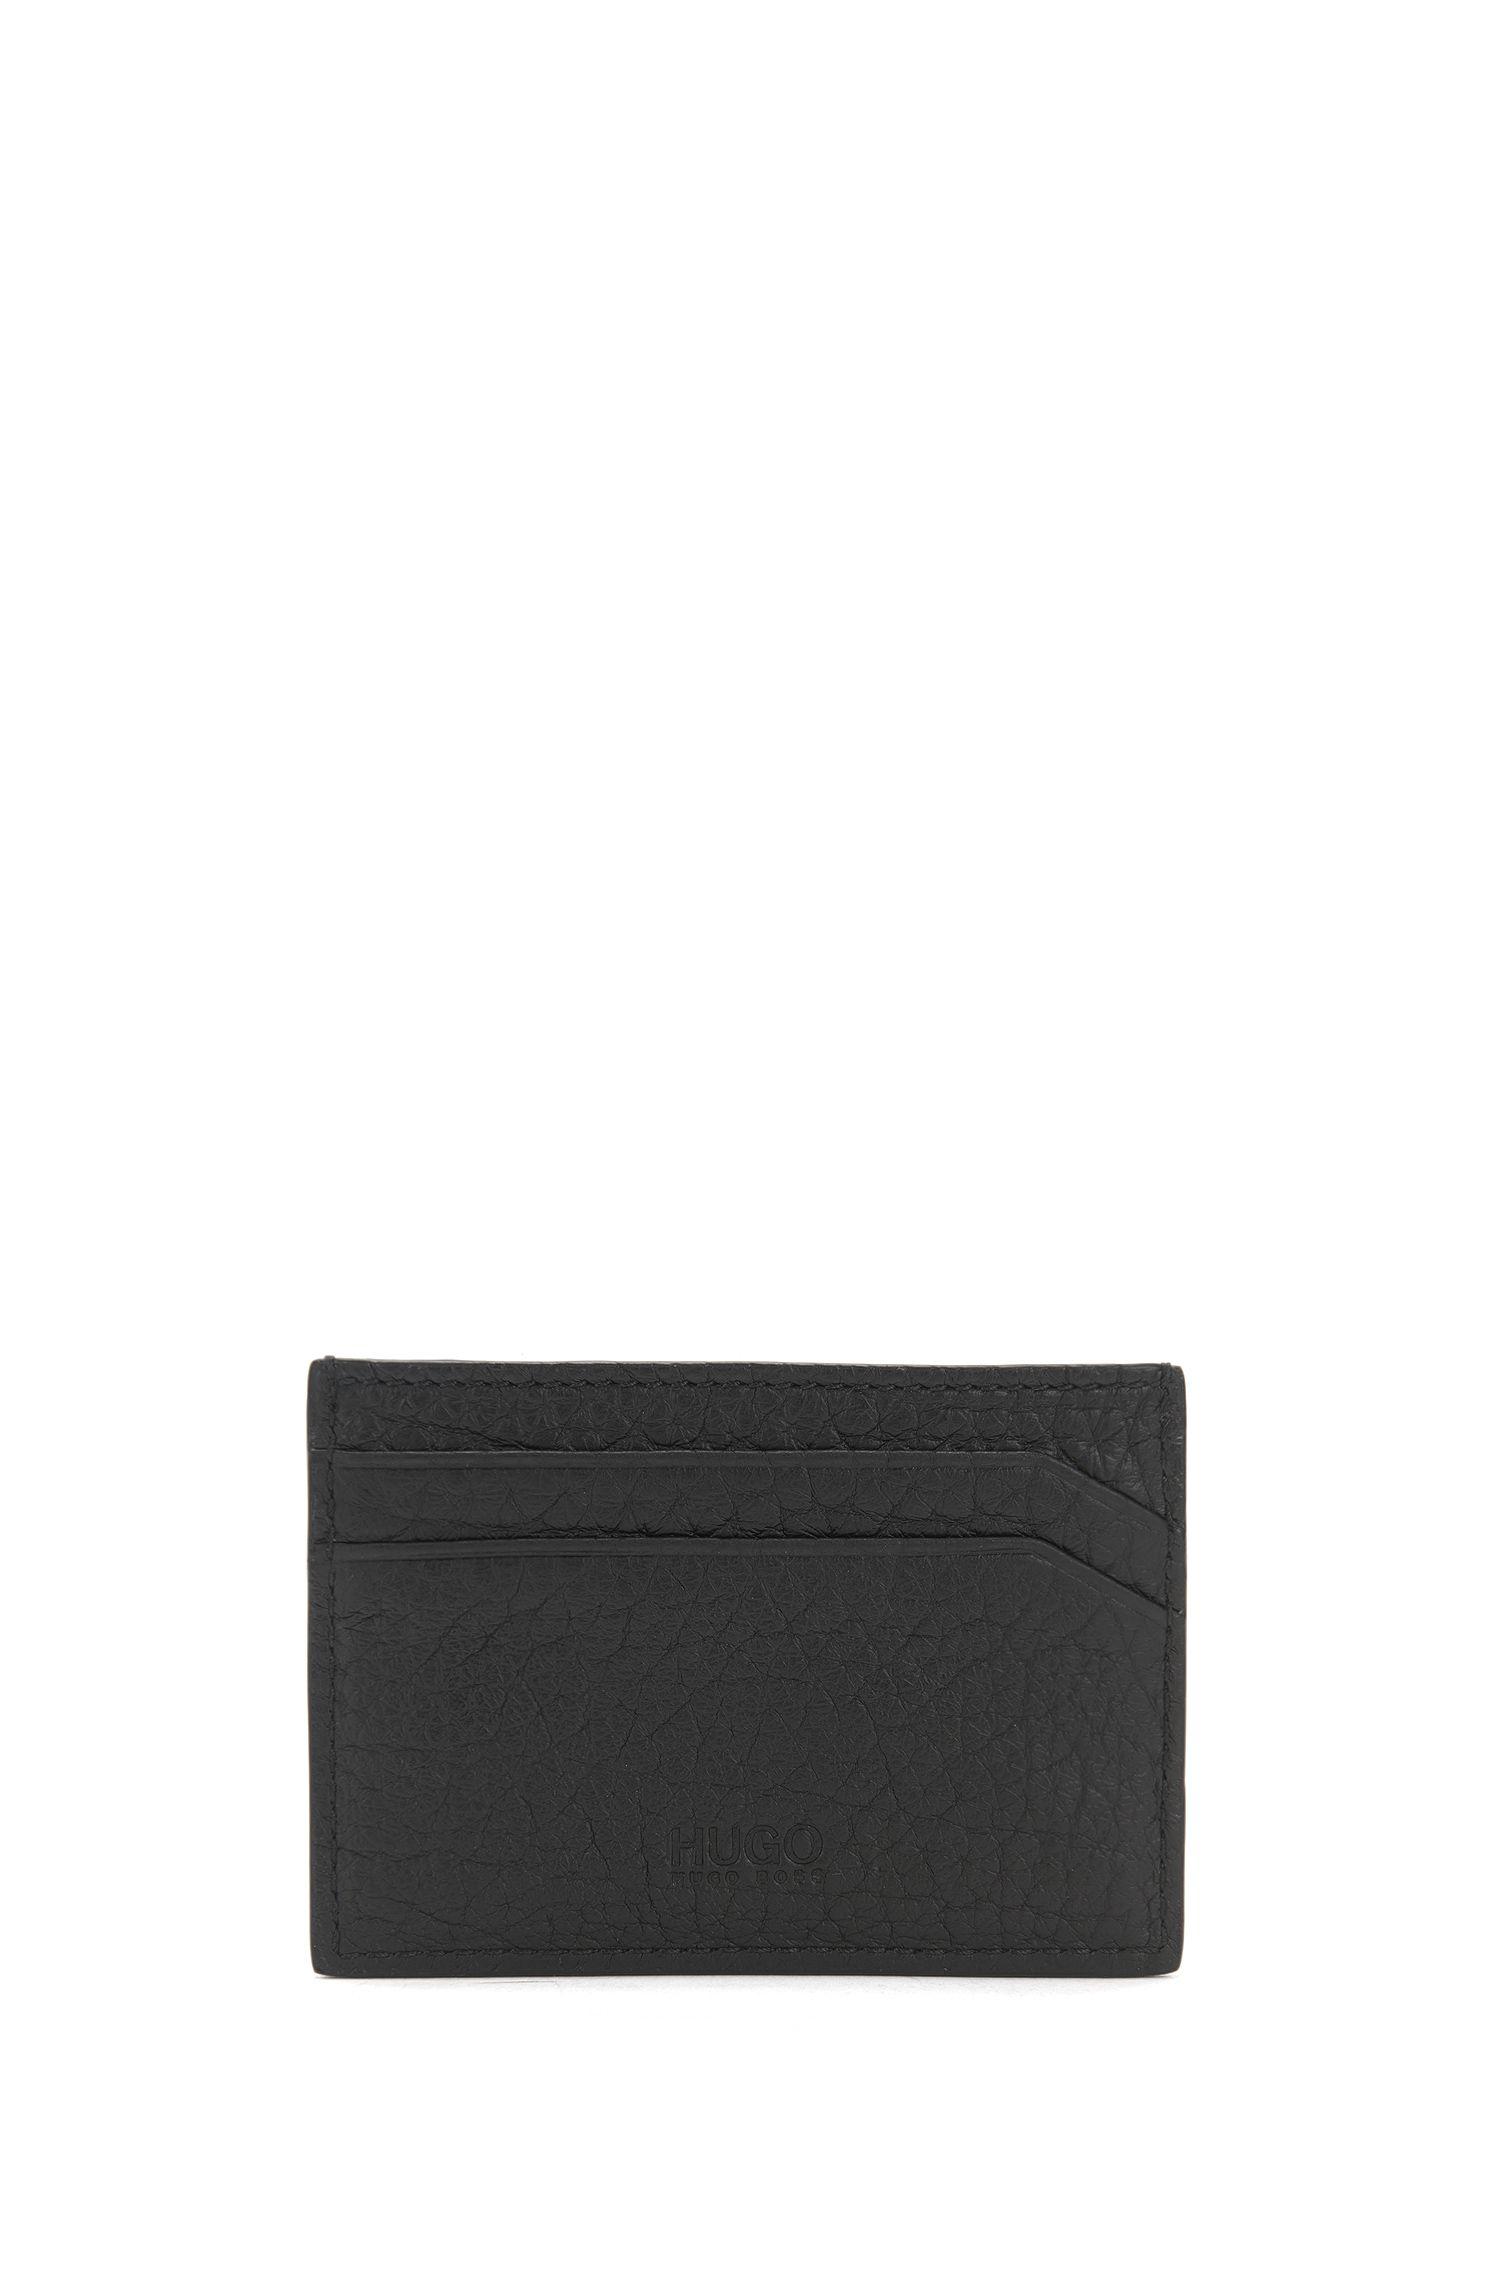 Porte-cartes en cuir texturé à clous